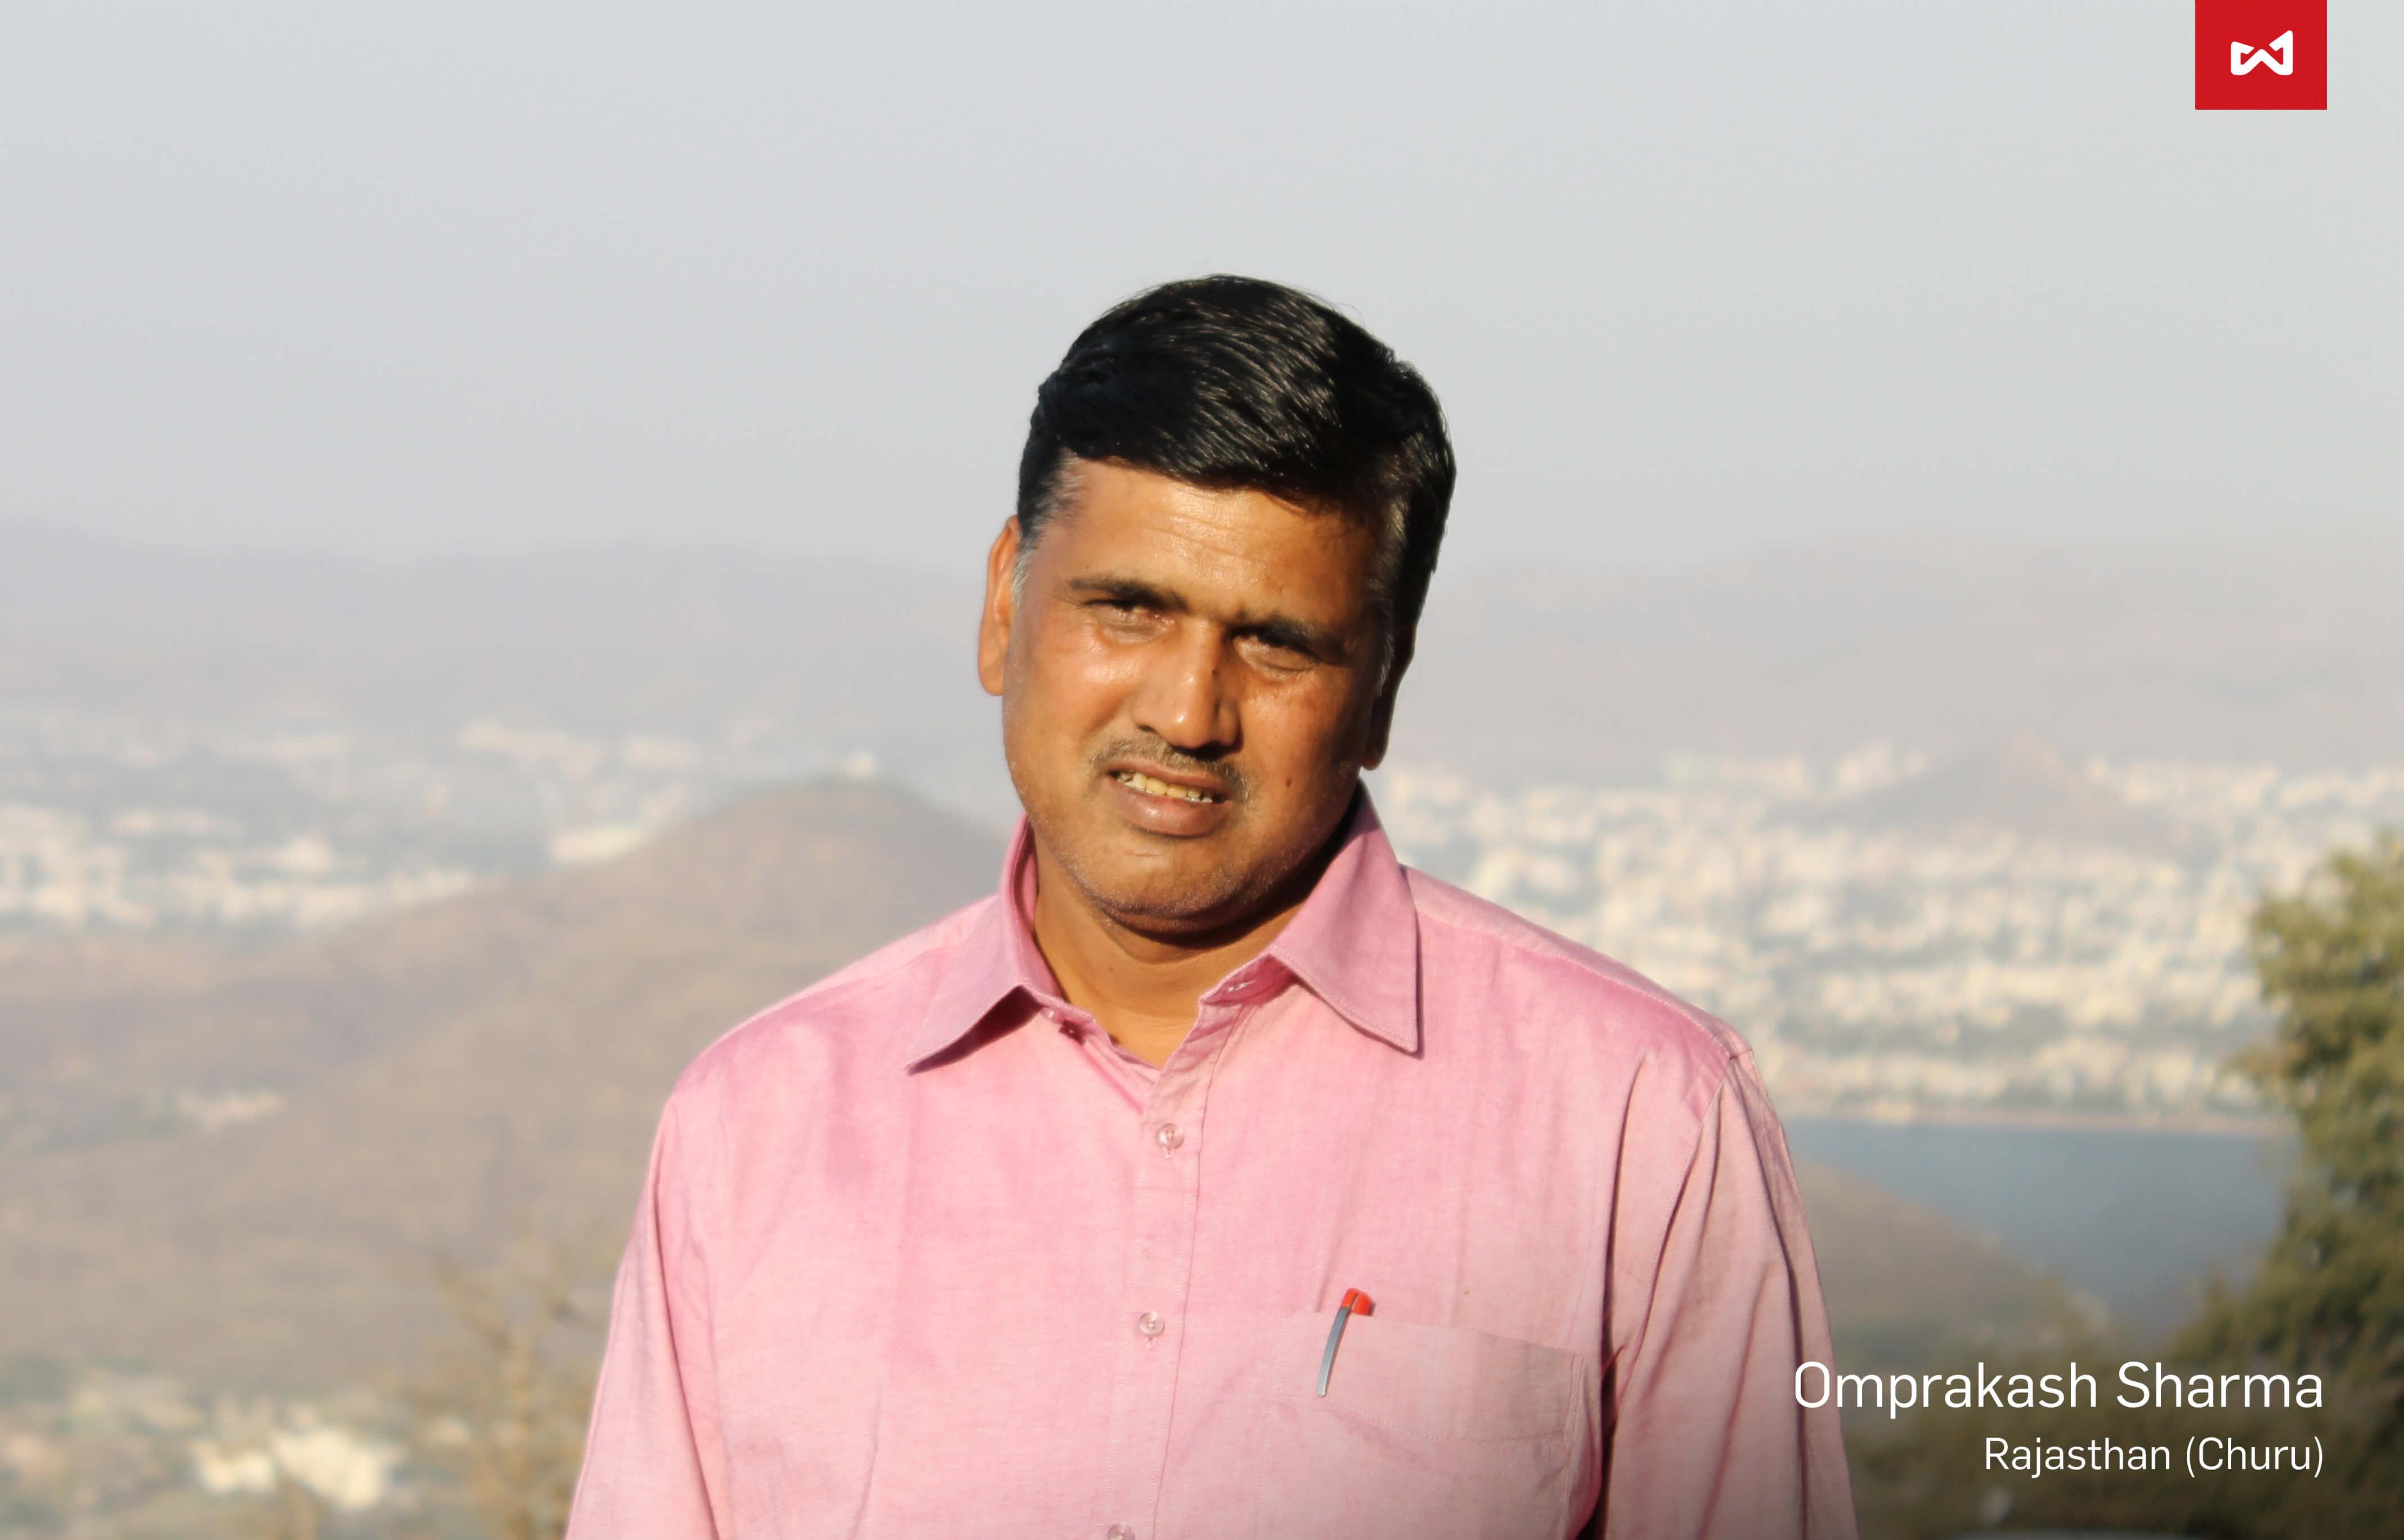 Omprakash Sharma